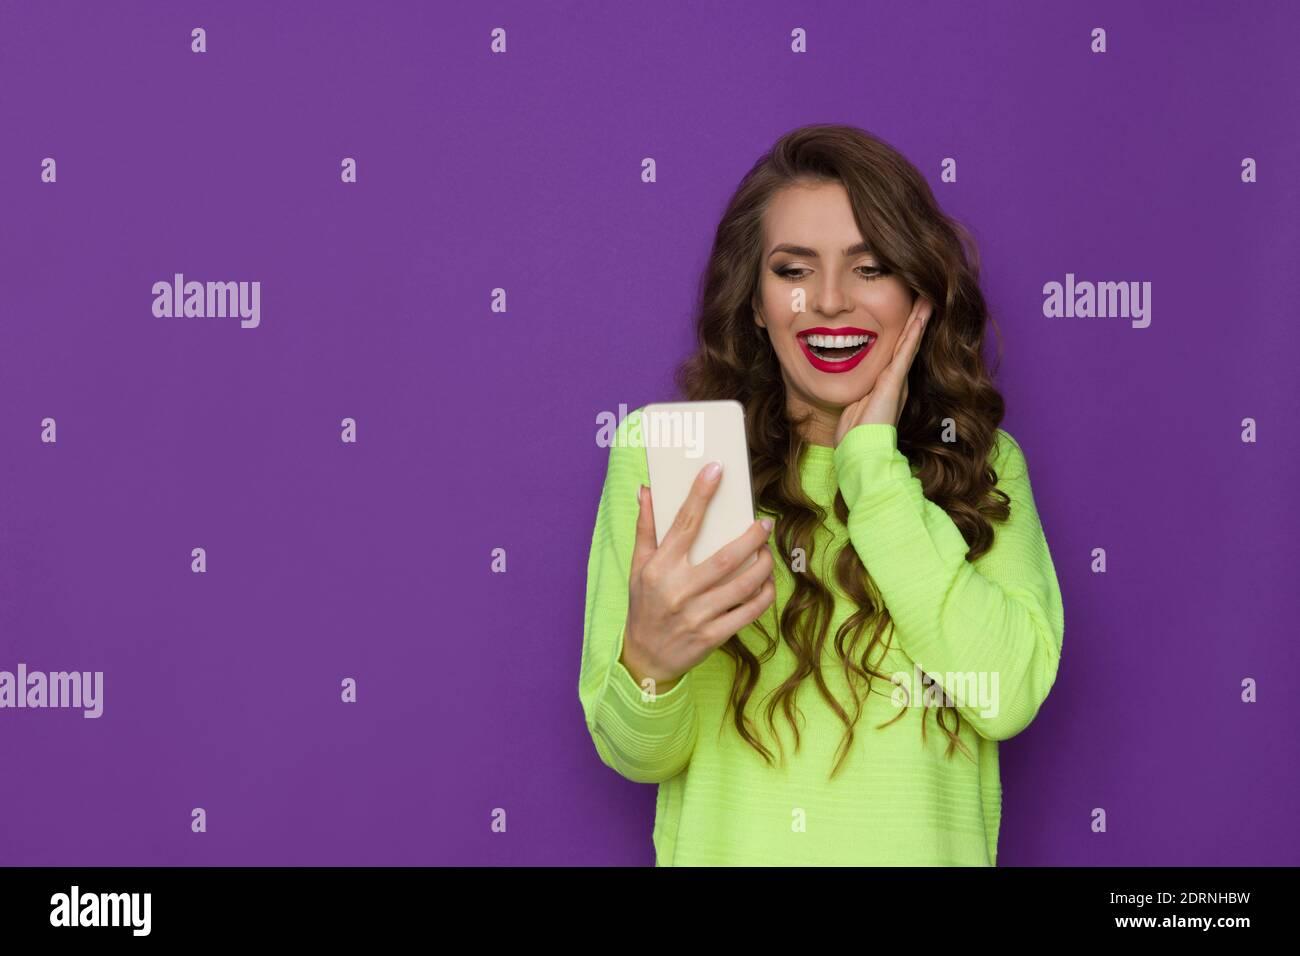 Belle jeune femme en vert fluo chandail tient le téléphone, le regardant et riant. Taille haute, prise en studio sur fond violet. Banque D'Images